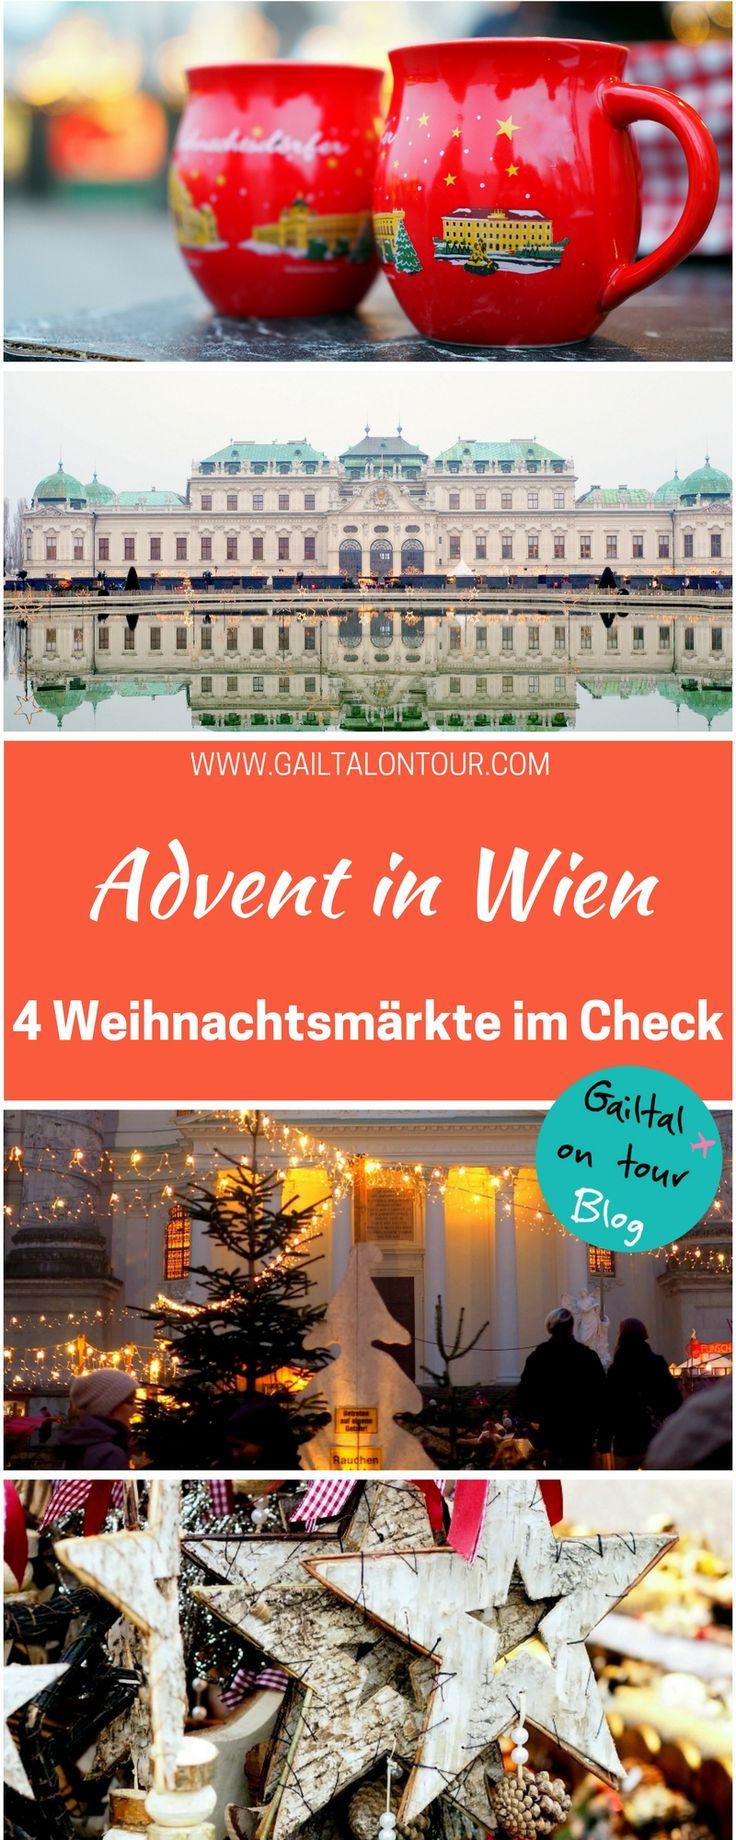 Welcher Weihnachtsmarkt in Wien sollte besucht werden? Wohin lohnt sich ein Ausflug nicht? Advent in Wien: der #Christkindlmarkt Vergleich